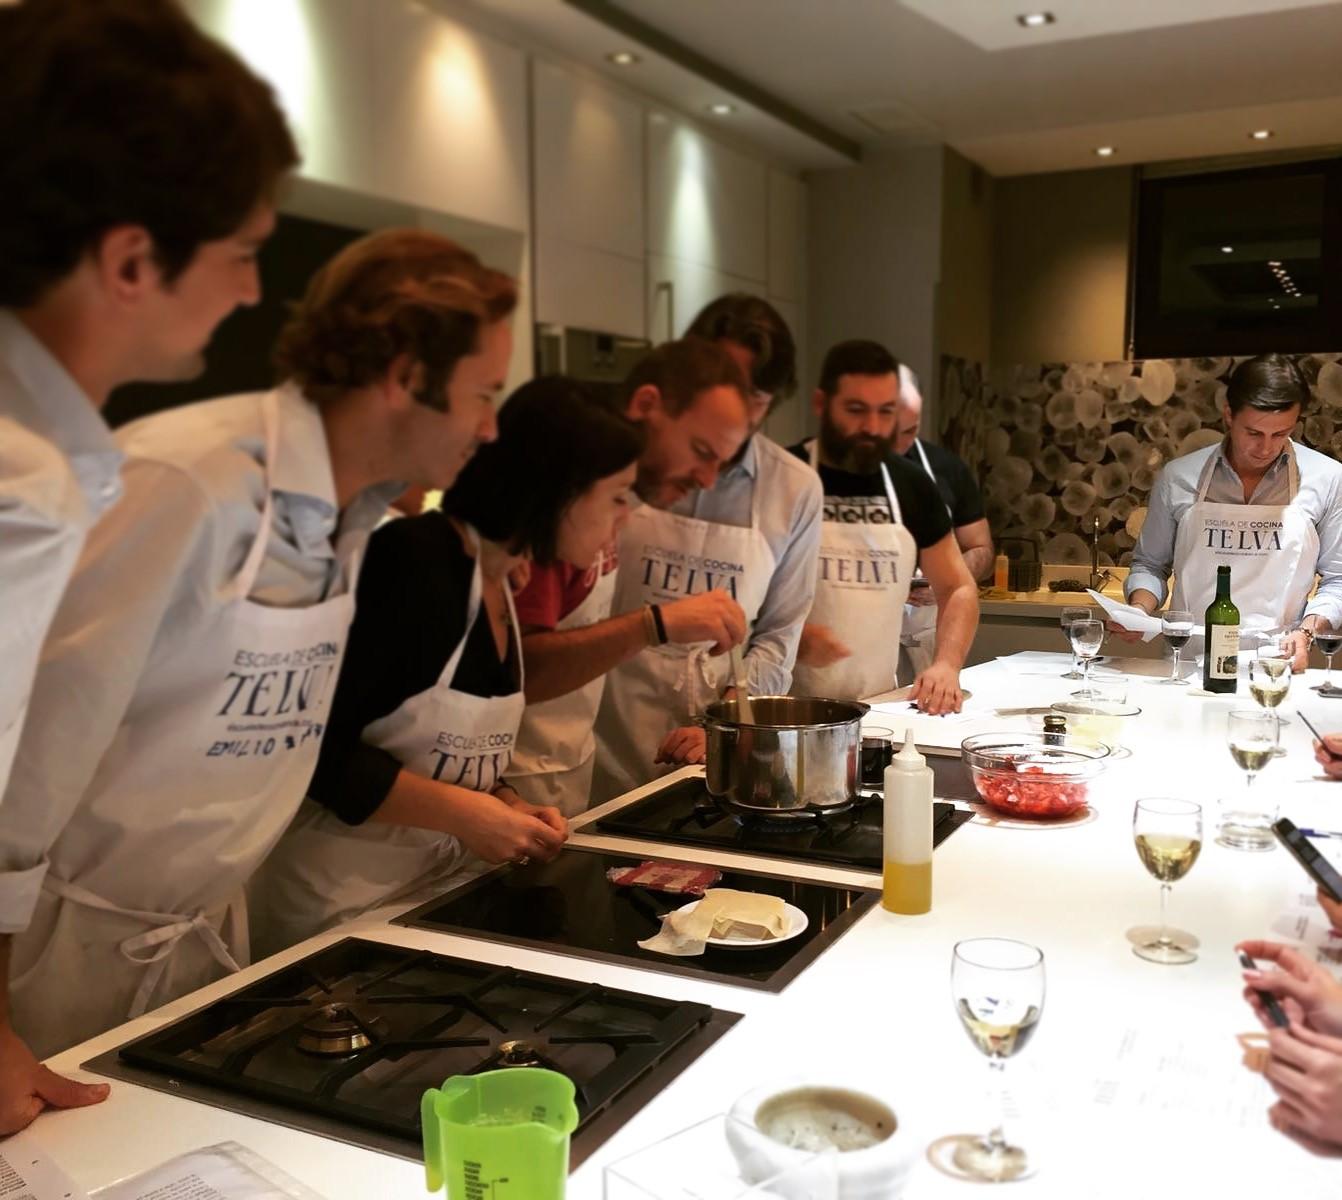 Un curso b sico pero muy completo escuela de cocina telva - Escuela cocina telva ...